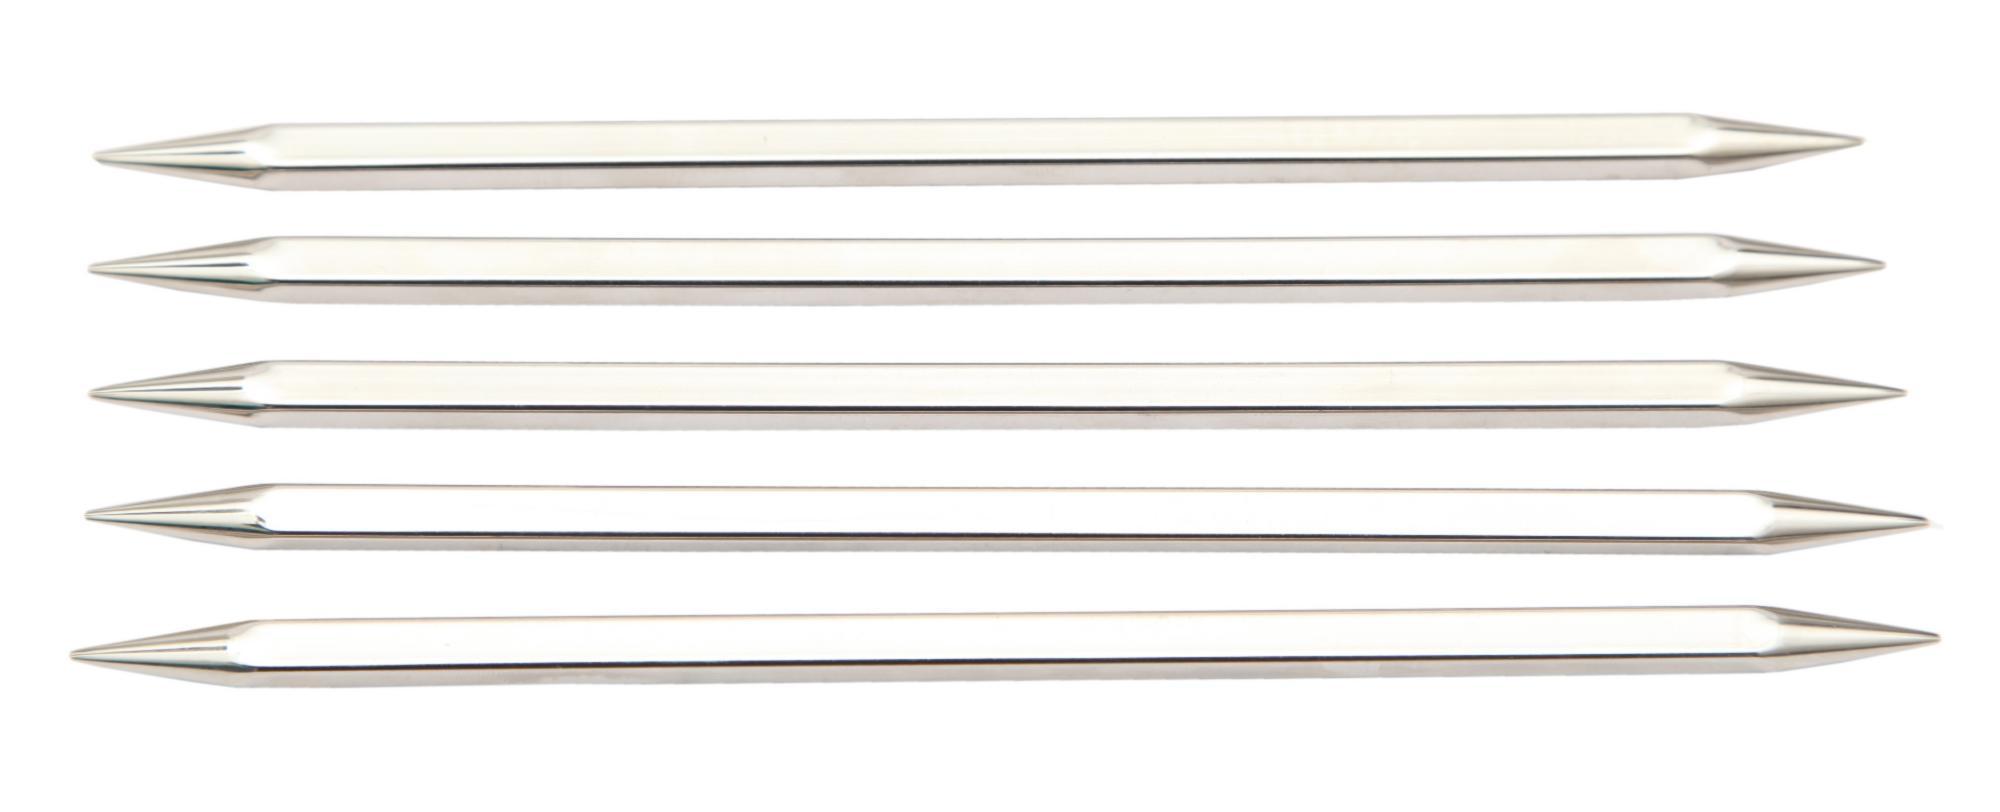 Спицы носочные 15 см Nova Cubics KnitPro, 12106, 3.25 мм